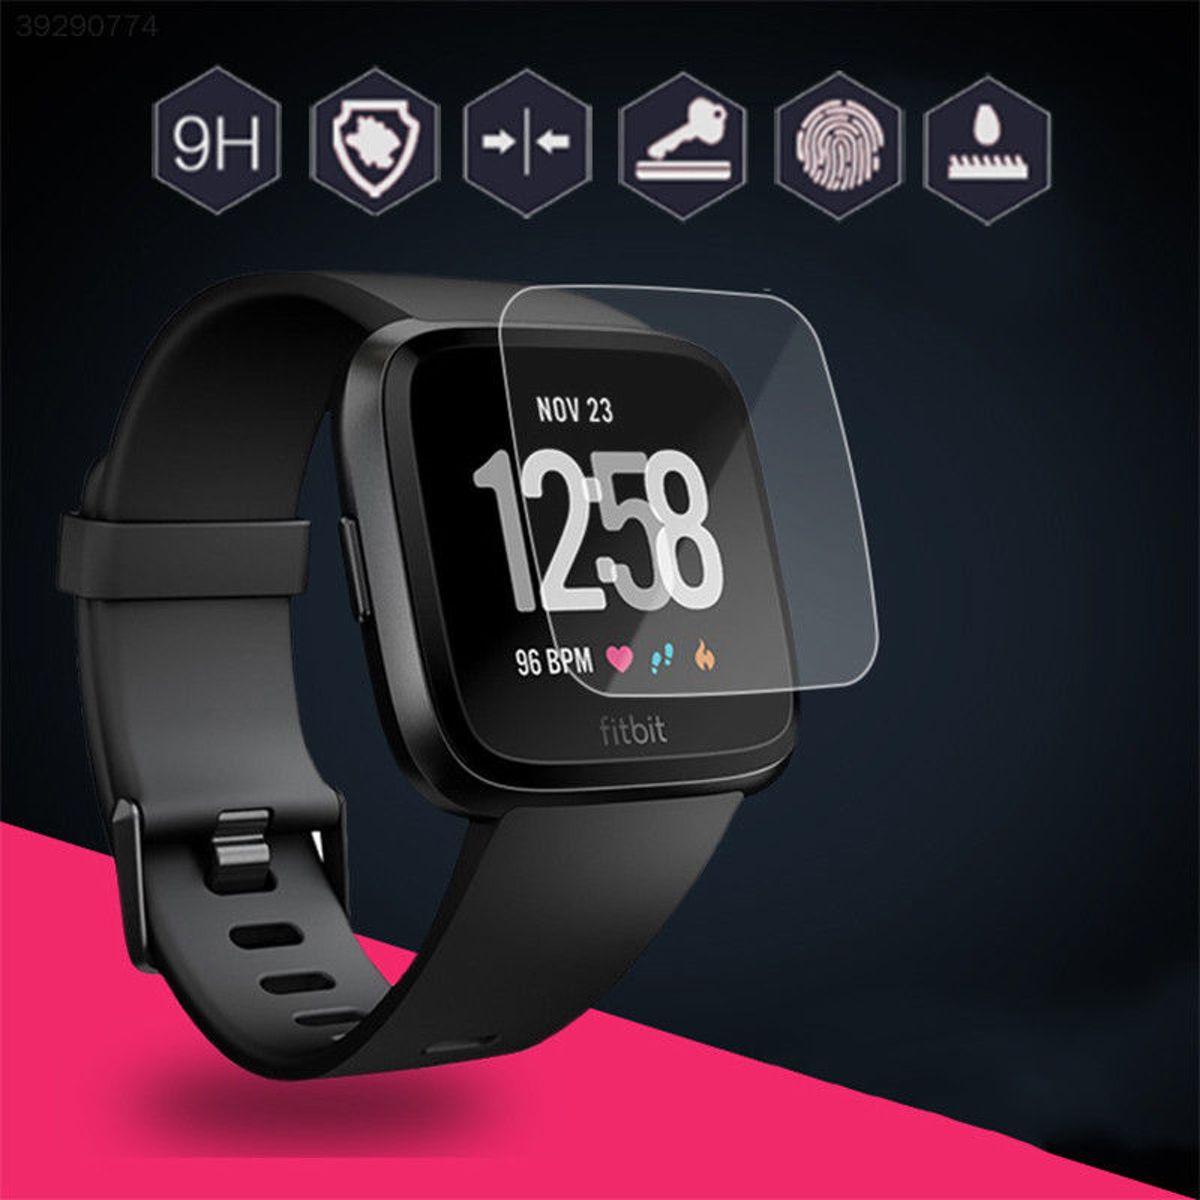 Fitbit Versa Screenprotector Tempered Glass Glazen Gehard Transparant - Screen Protector van My Smartwatch kopen